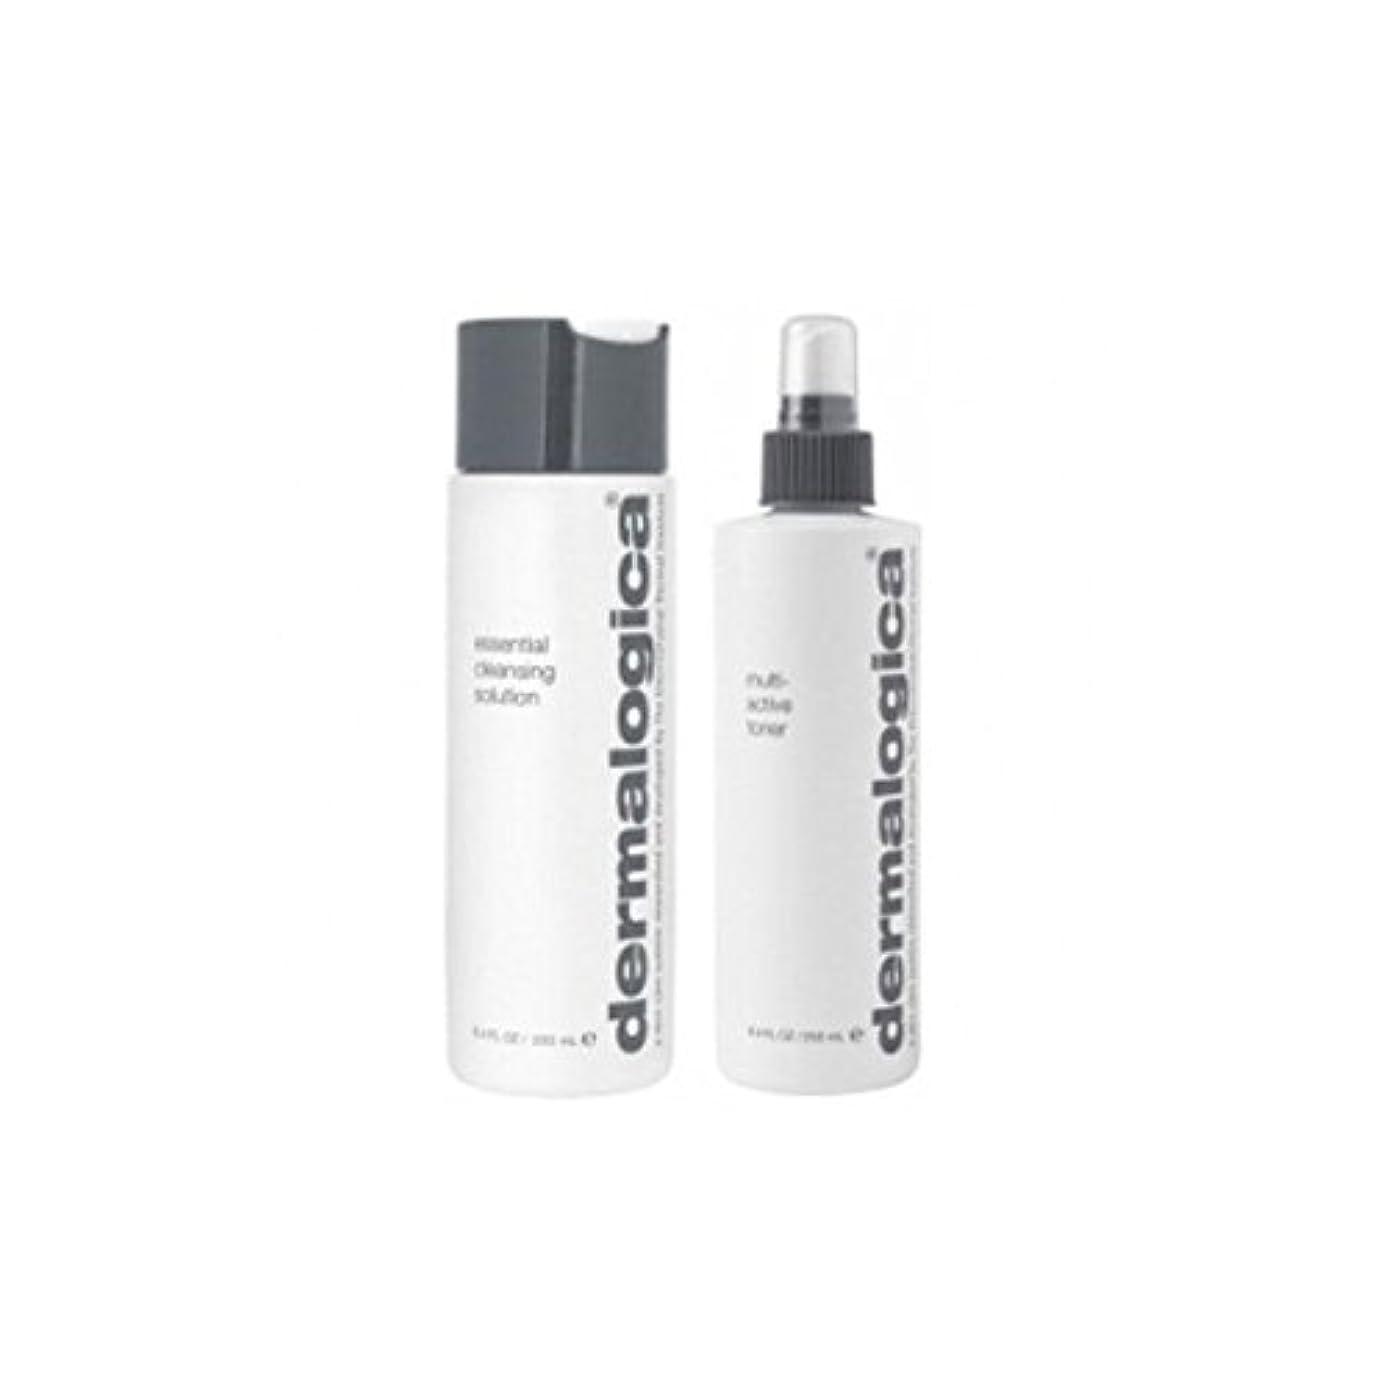 発言するマラドロイト特別にDermalogica Cleanse & Tone Duo - Dry Skin (Pack of 6) - ダーマロジカクレンジング&トーンデュオ - 乾燥肌 x6 [並行輸入品]